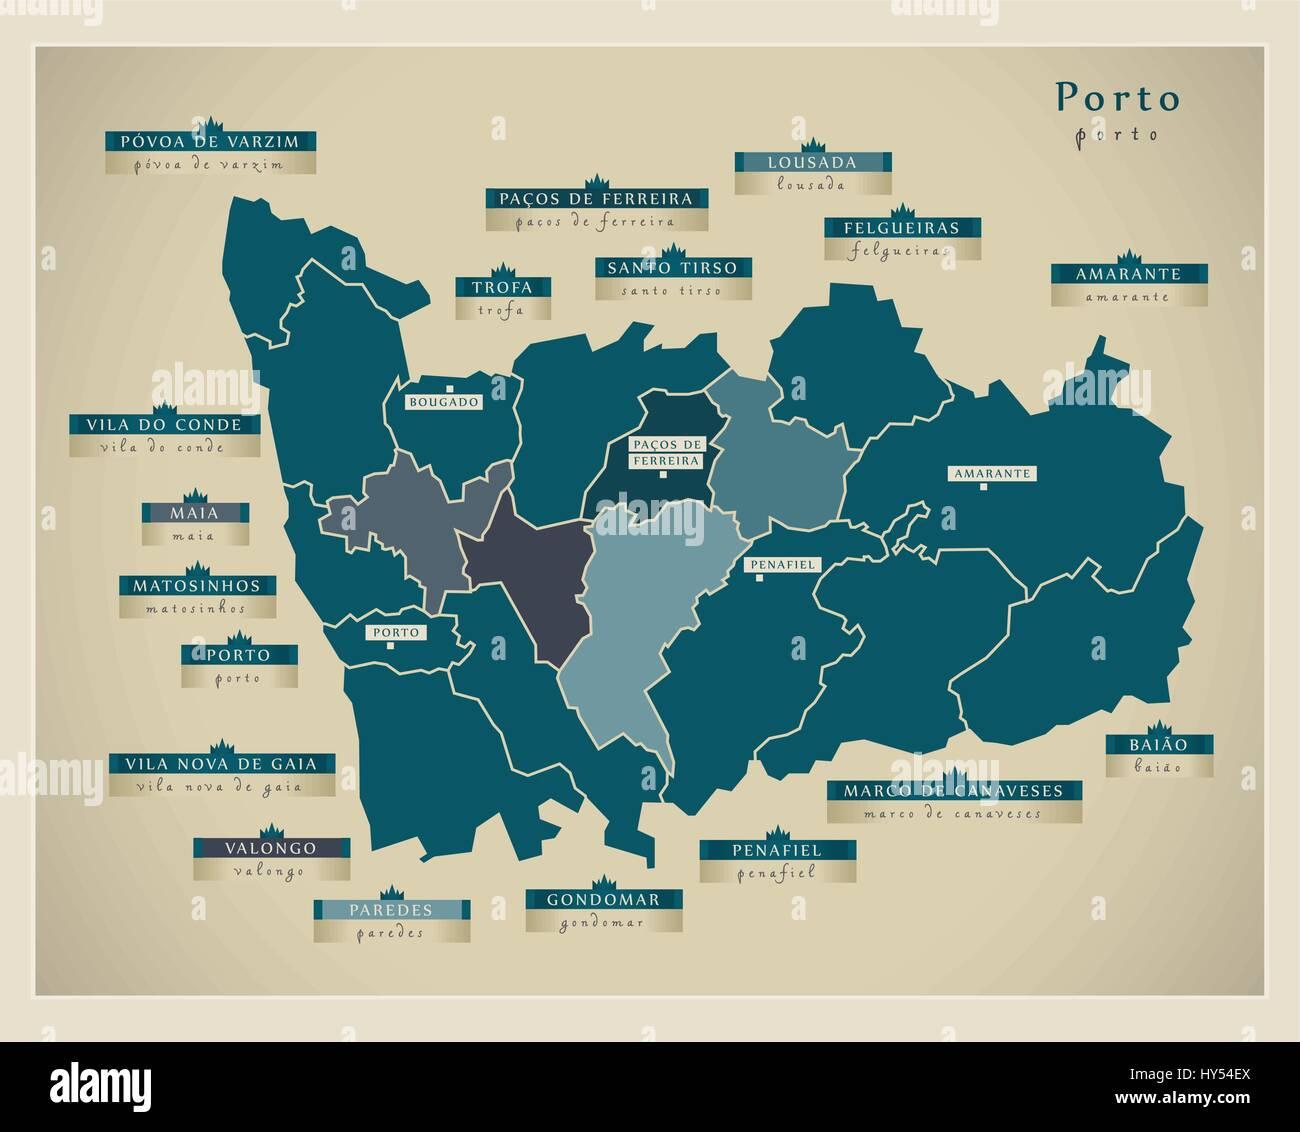 Modern Map - Porto PT - Stock Vector